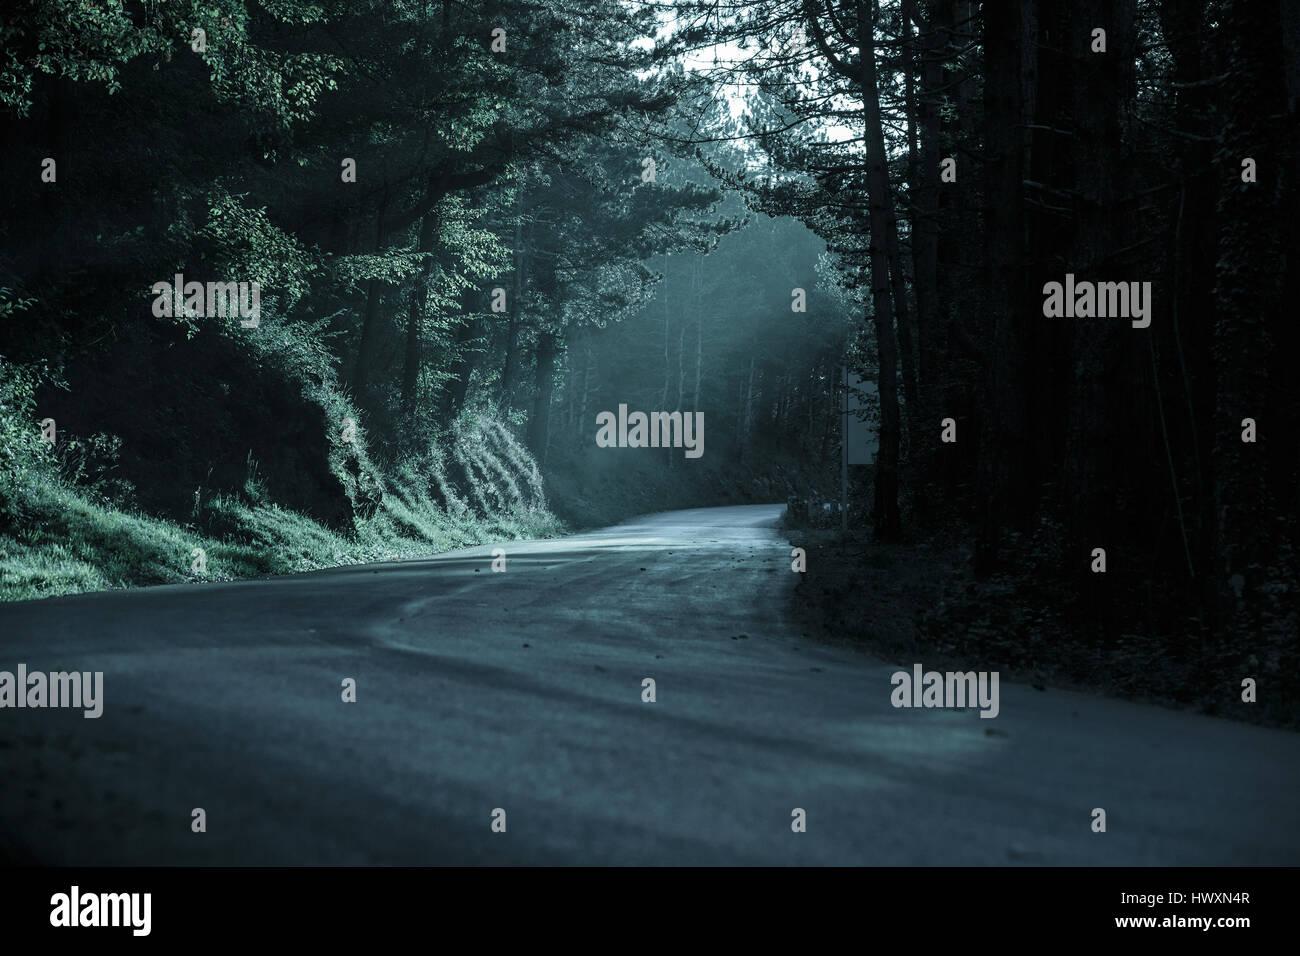 Bosque oscuro con carretera vacía en desaparecía la luz. Emocional, gótico, de fondo inquietante Imagen De Stock